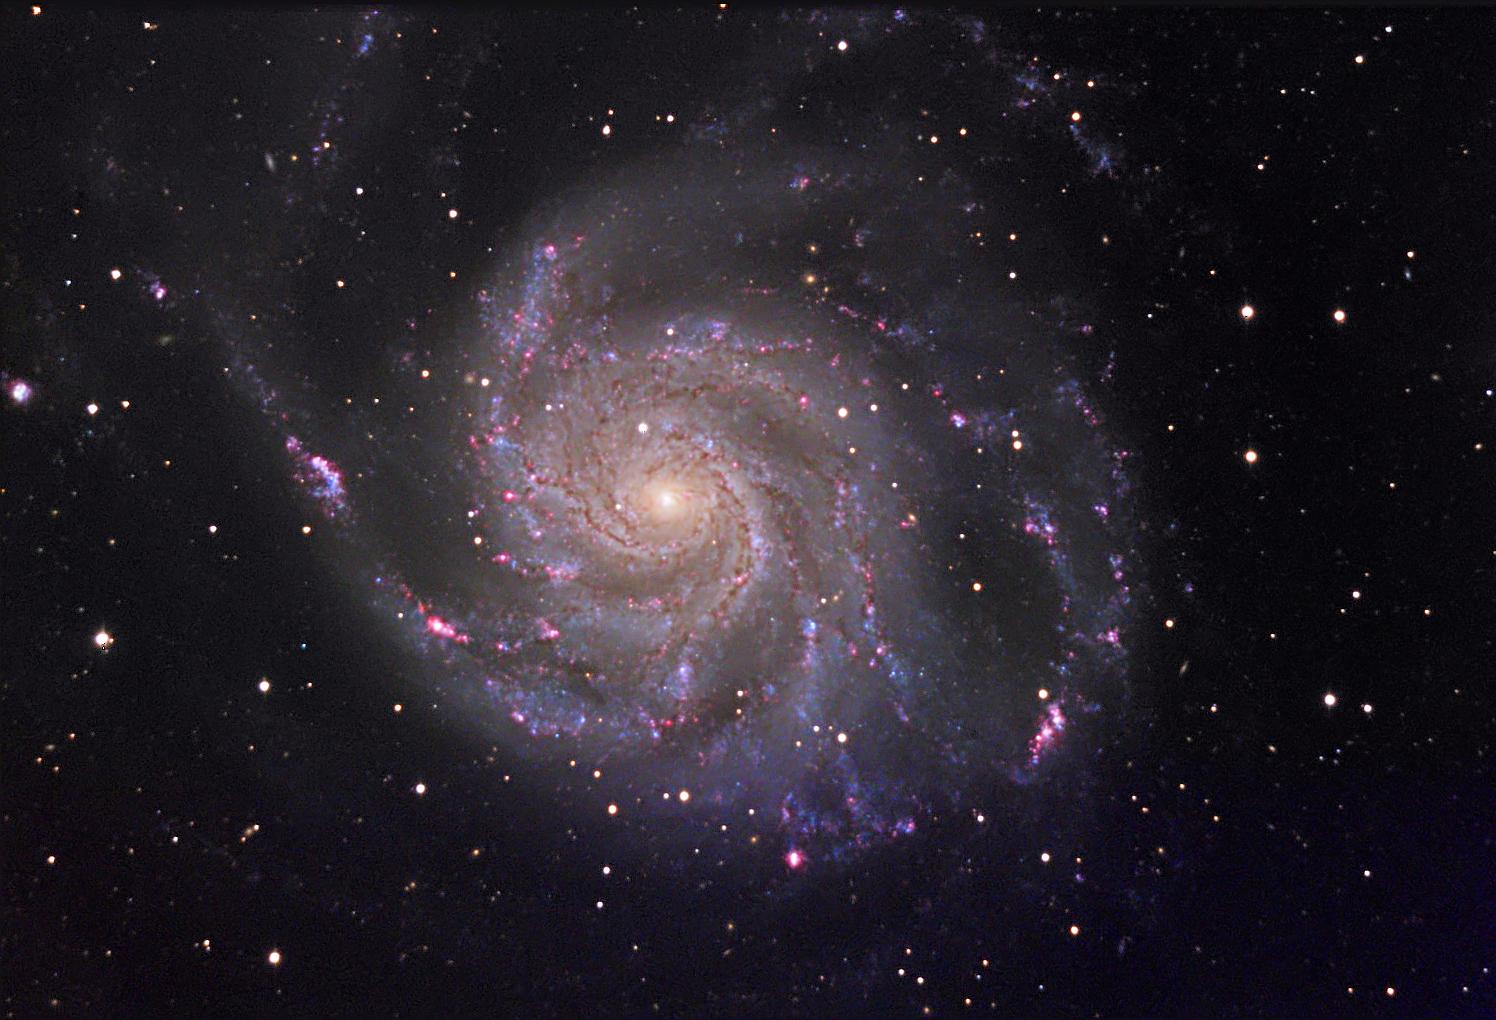 Ráfagas de luz al otro lado del universo podrían revelar vida más allá de nuestros límites